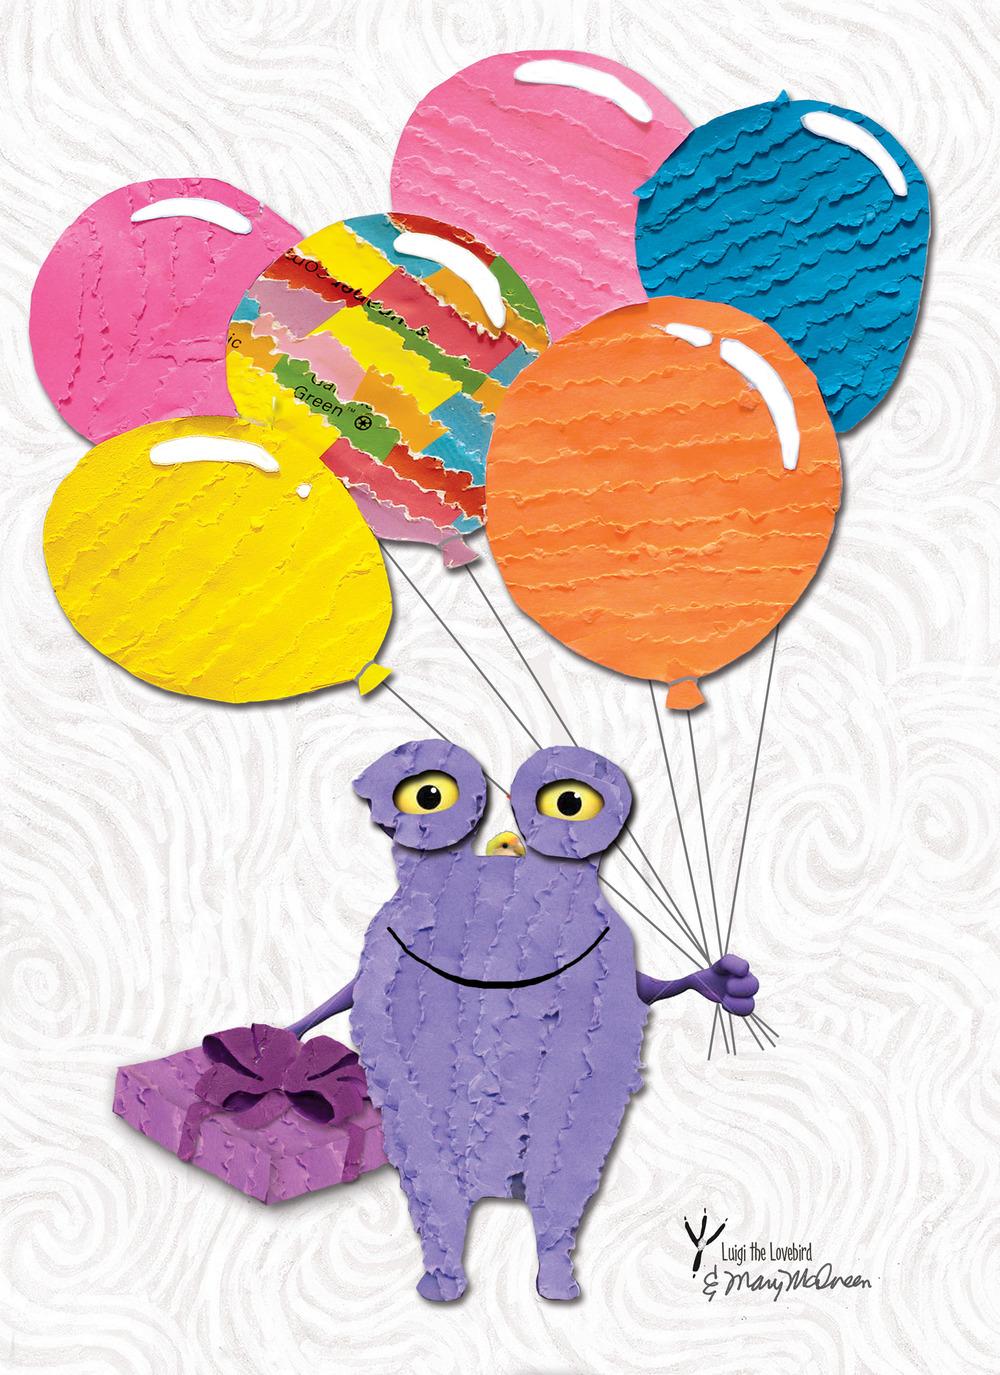 monster and balloons.jpg